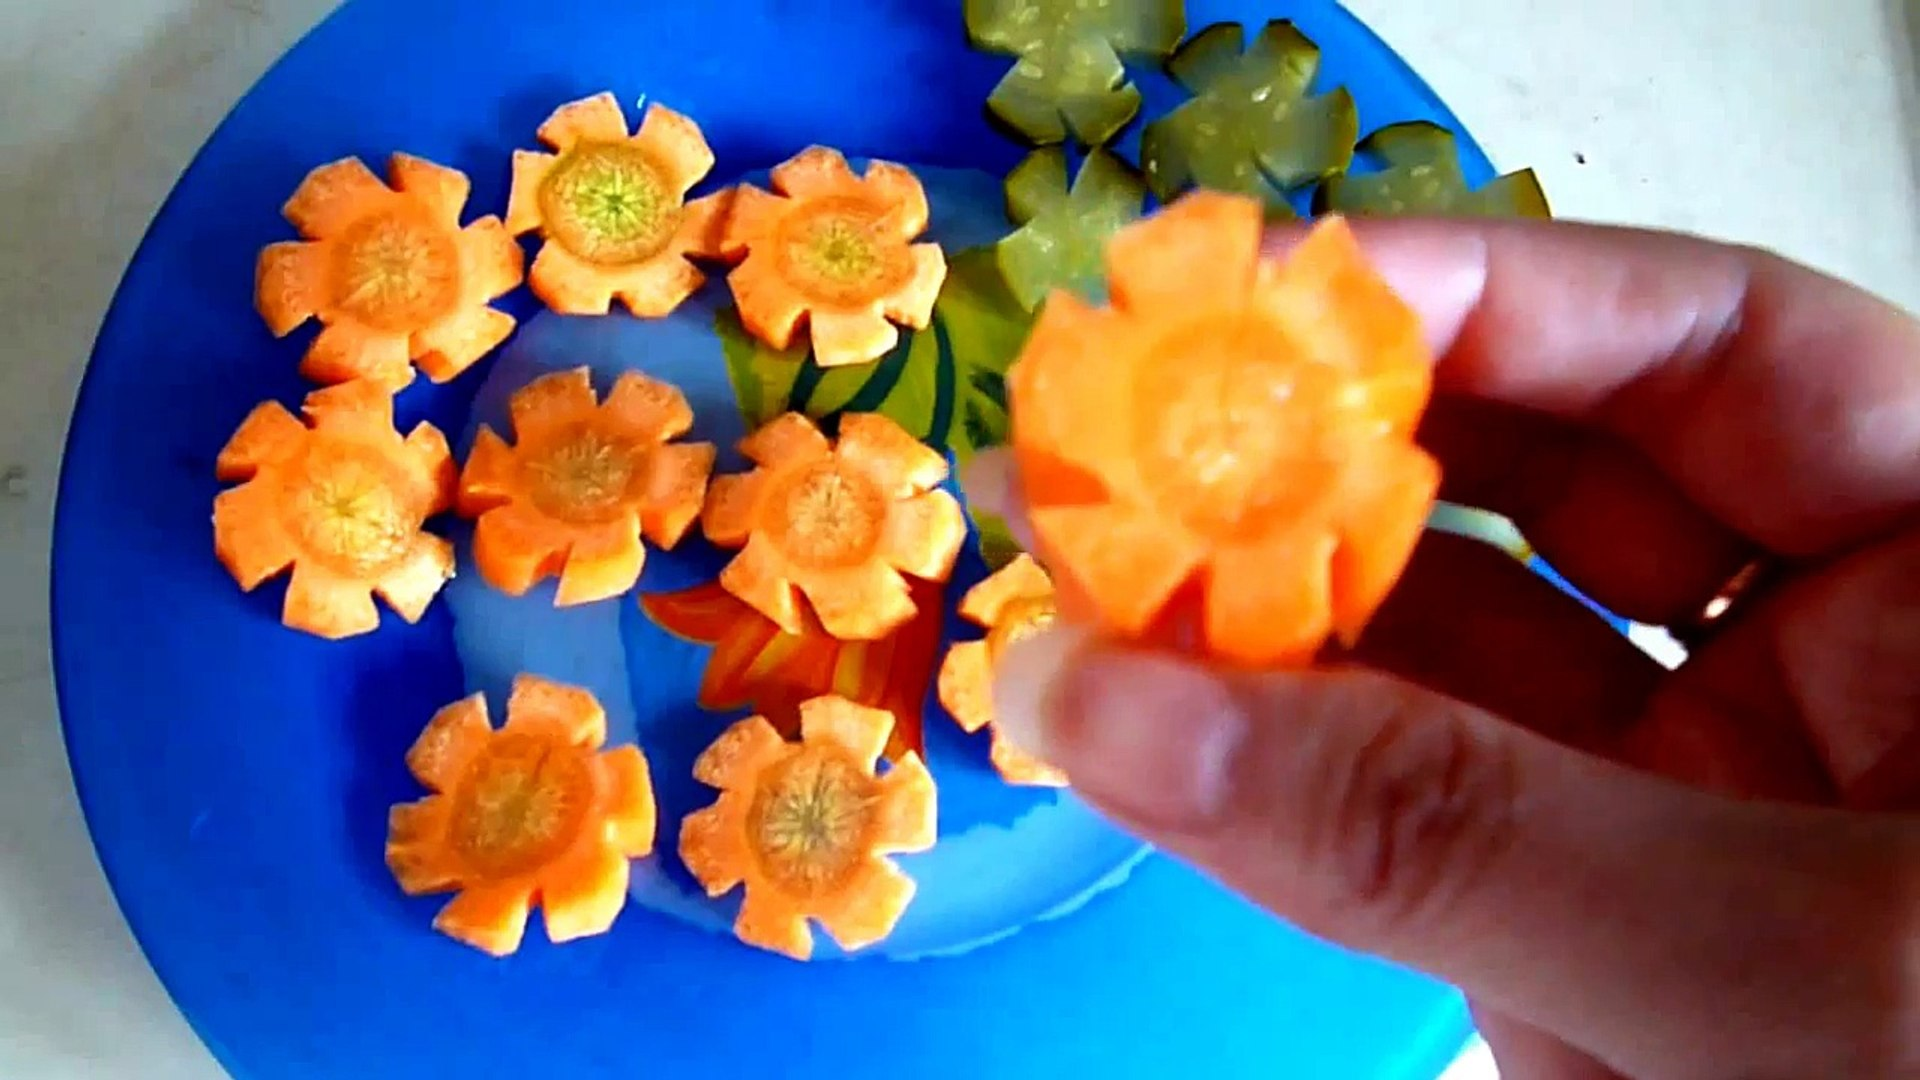 Украшения из овощей. Цветы из моркови и огурцов. Как красиво нарезать овощи.